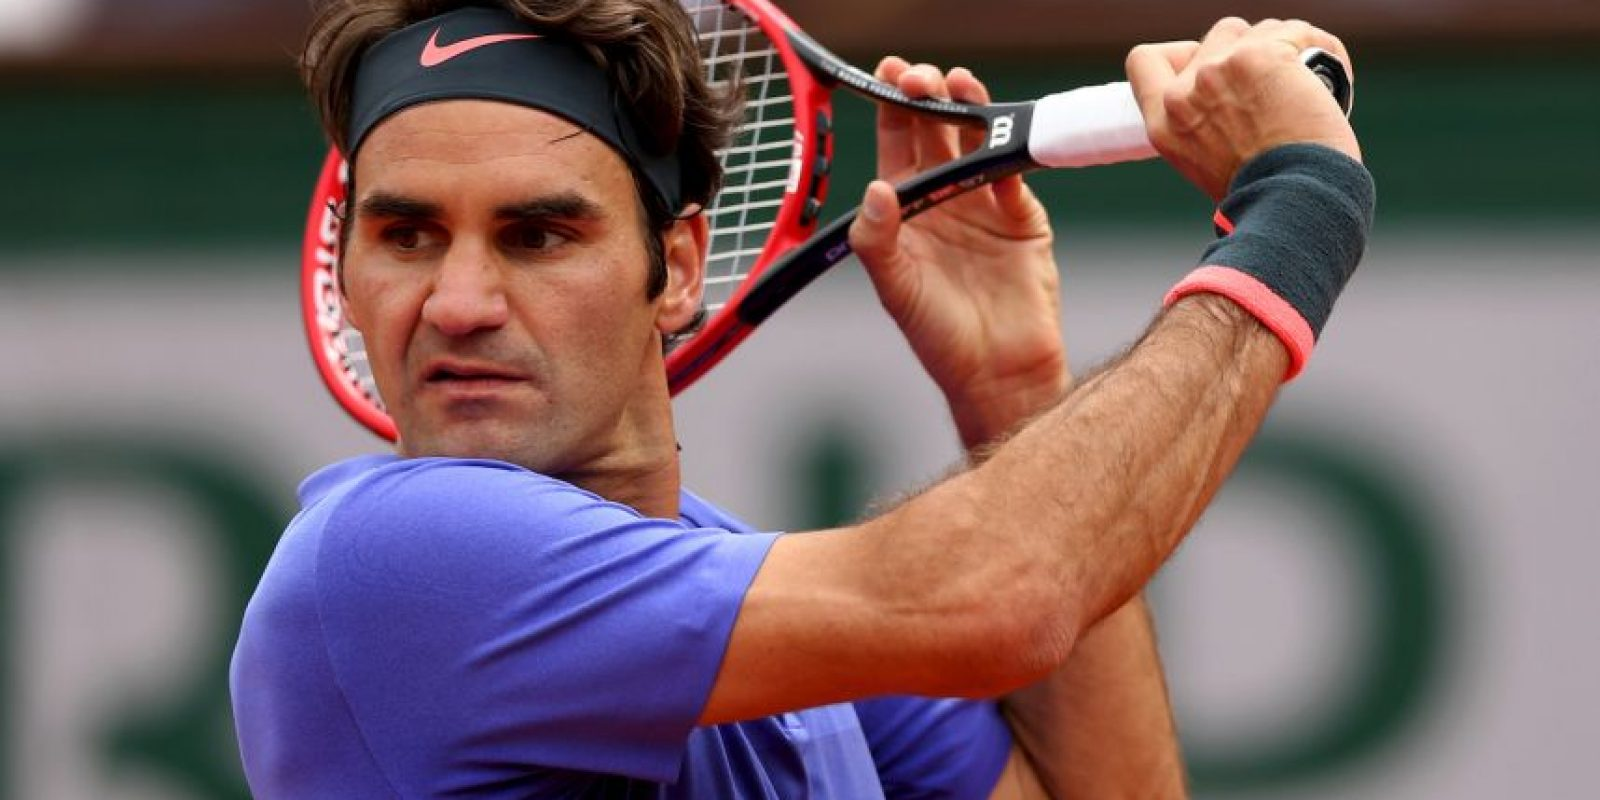 Aunque no gana un Grand Slam desde Wimbledon, en 2012, Roger Federer sigue siendo el tenista con mayores ingresos con 67 millones de dólares. Foto:Getty Images